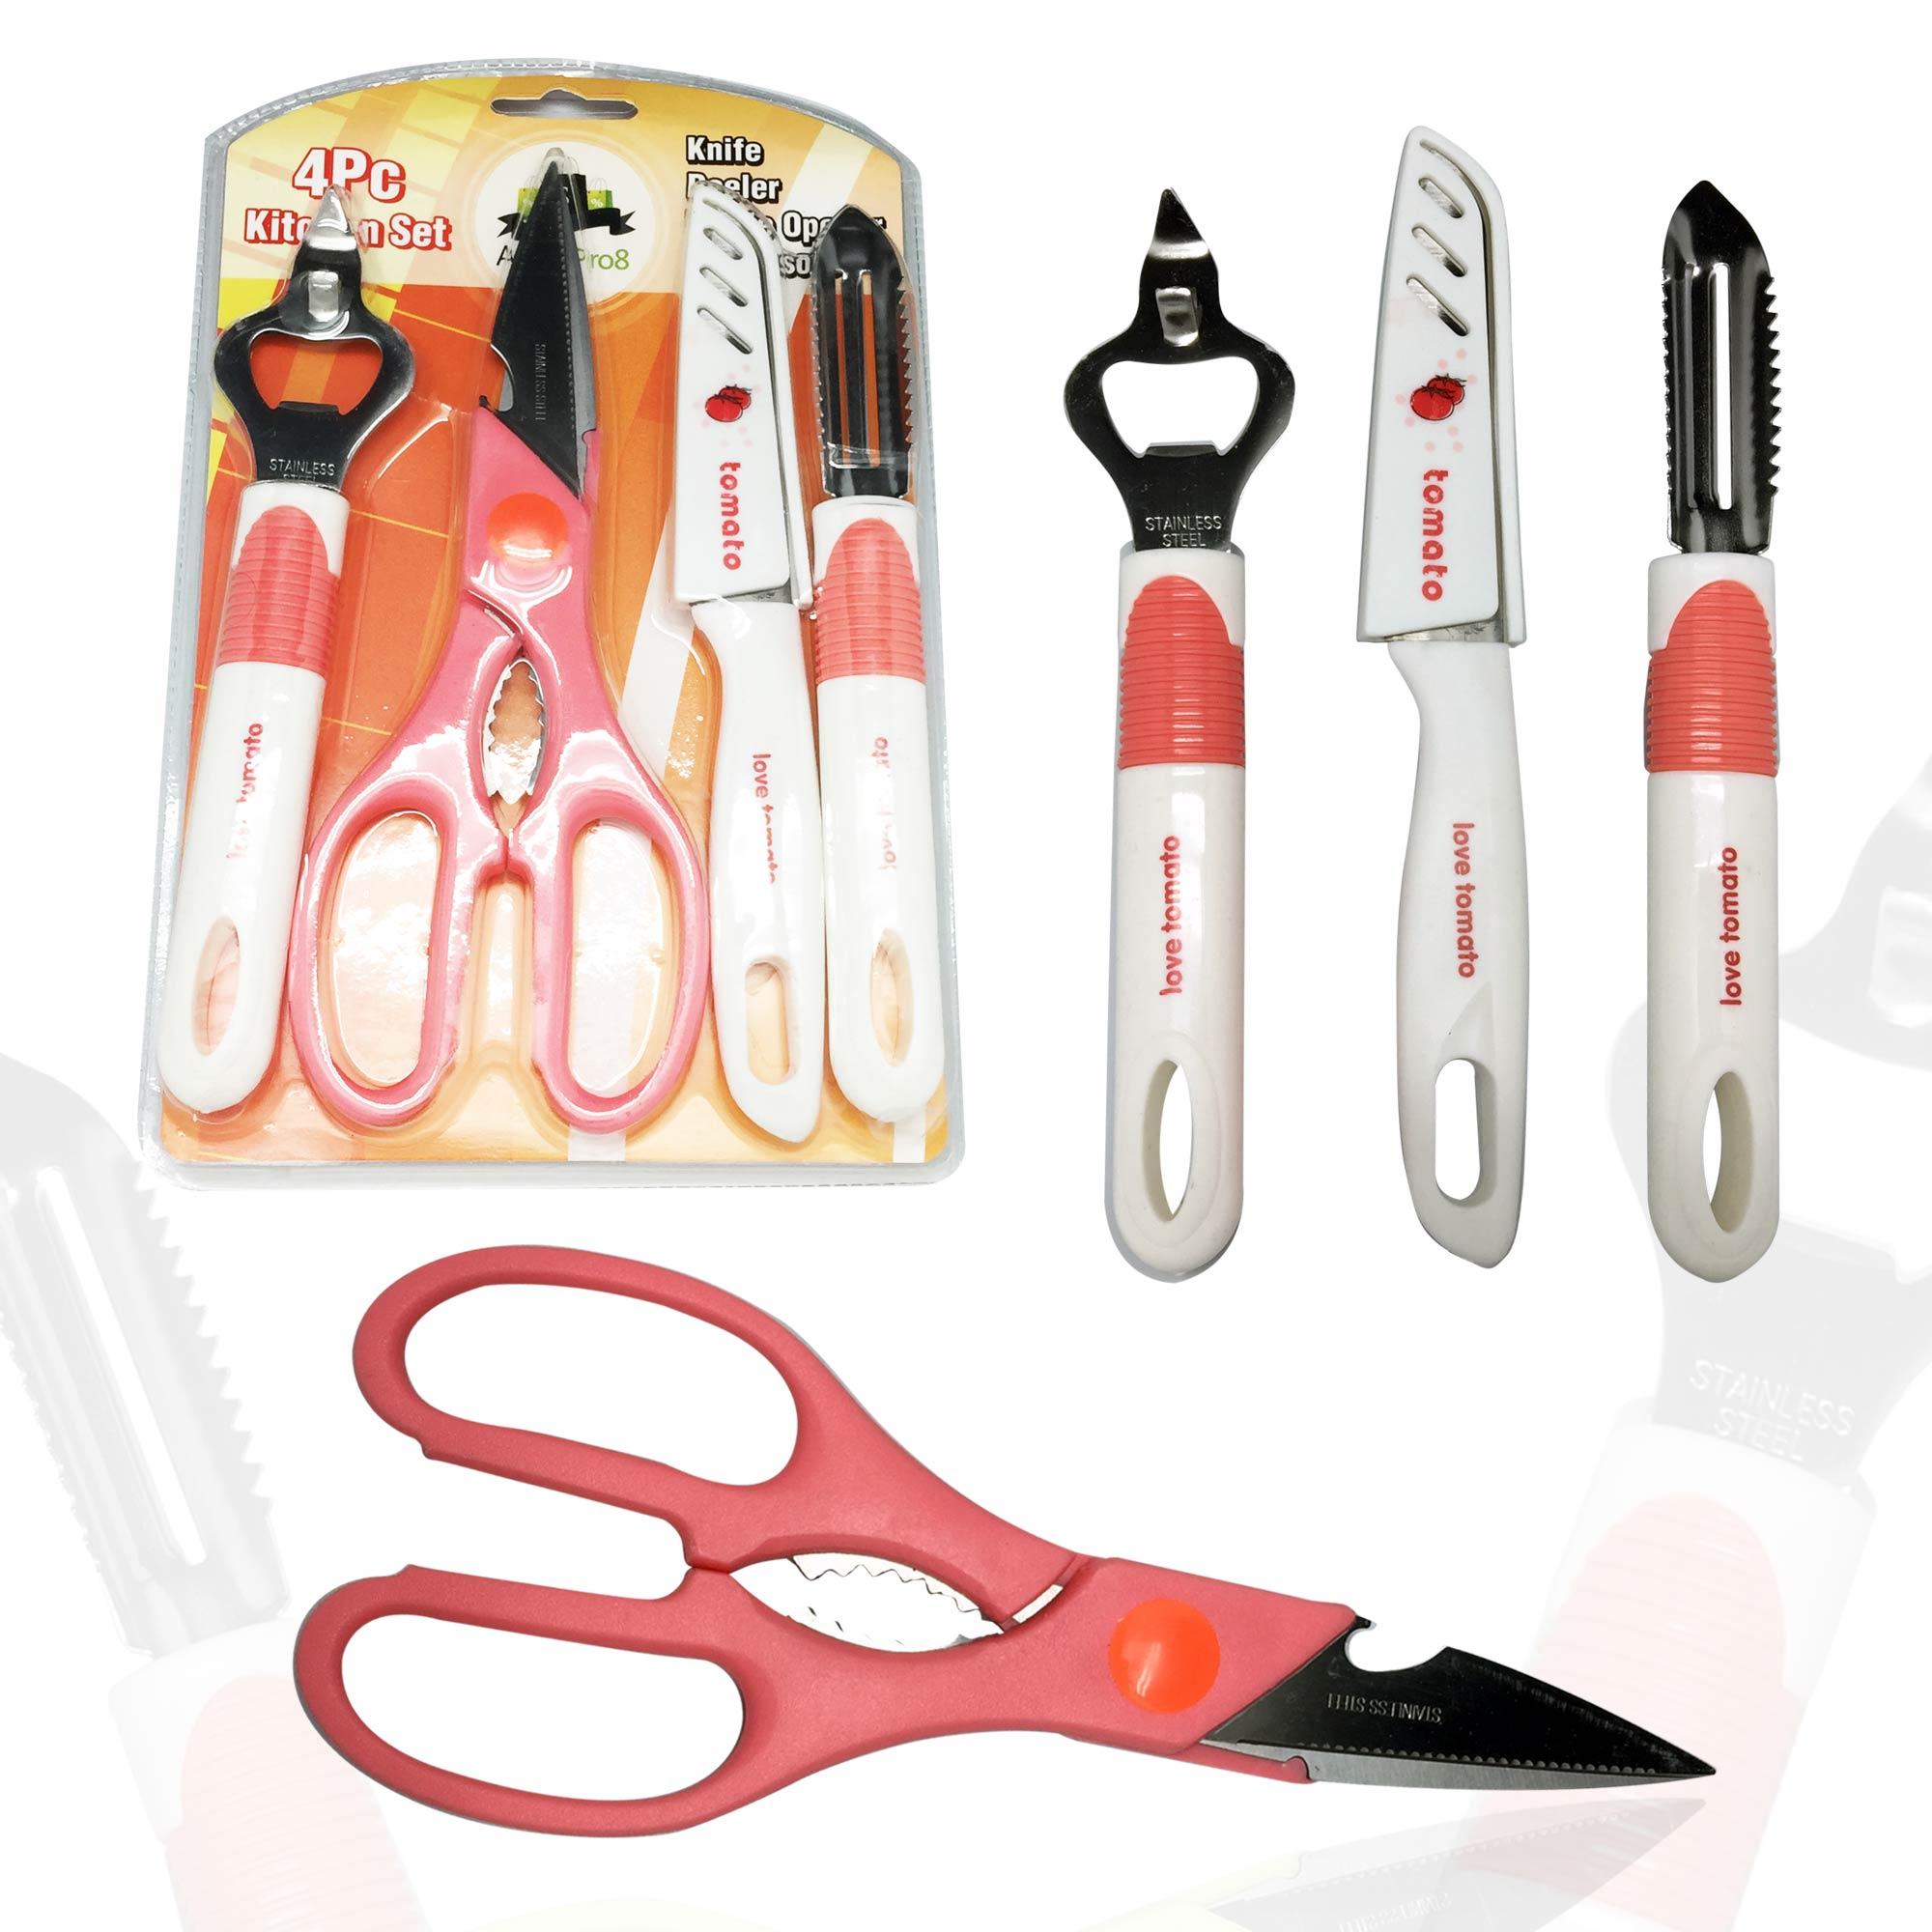 kitchen gadgets set knife peeler bottle opener and scissors home kitchen tools ebay. Black Bedroom Furniture Sets. Home Design Ideas